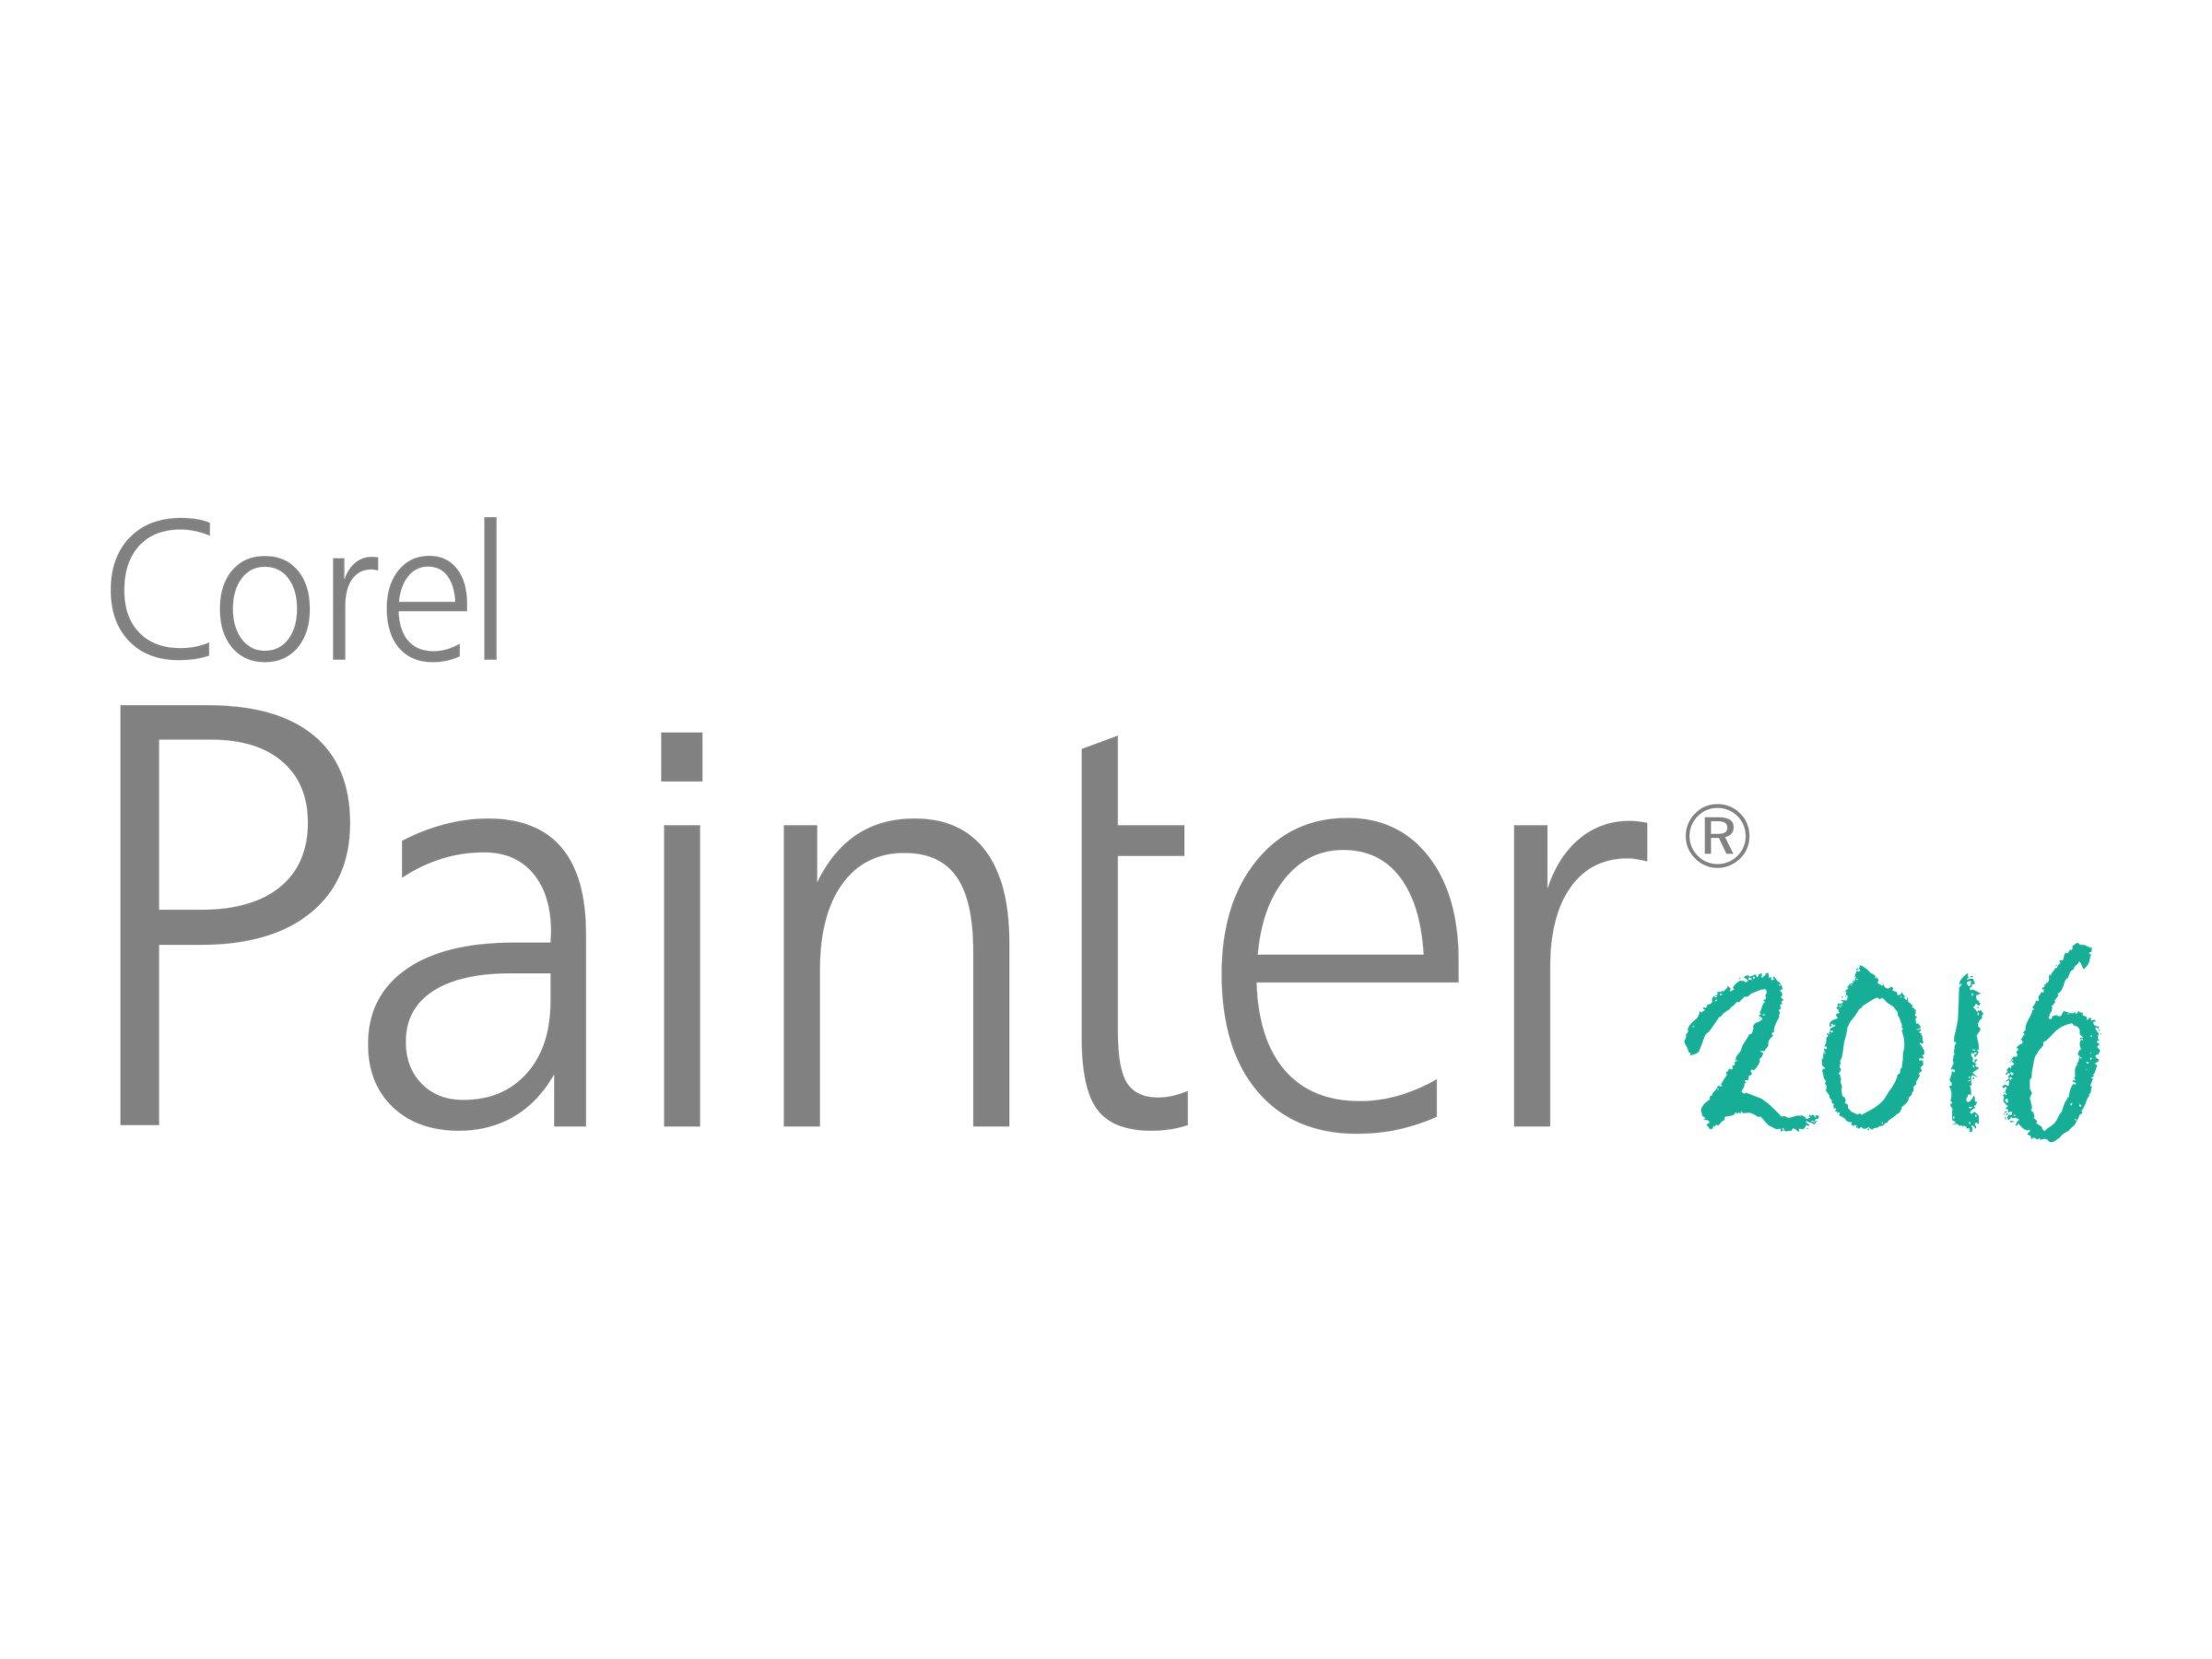 Corel Painter 2016 - Upgrade-Lizenz - 1 Benutzer - CTL - Stufe 251 und höher - Win, Mac